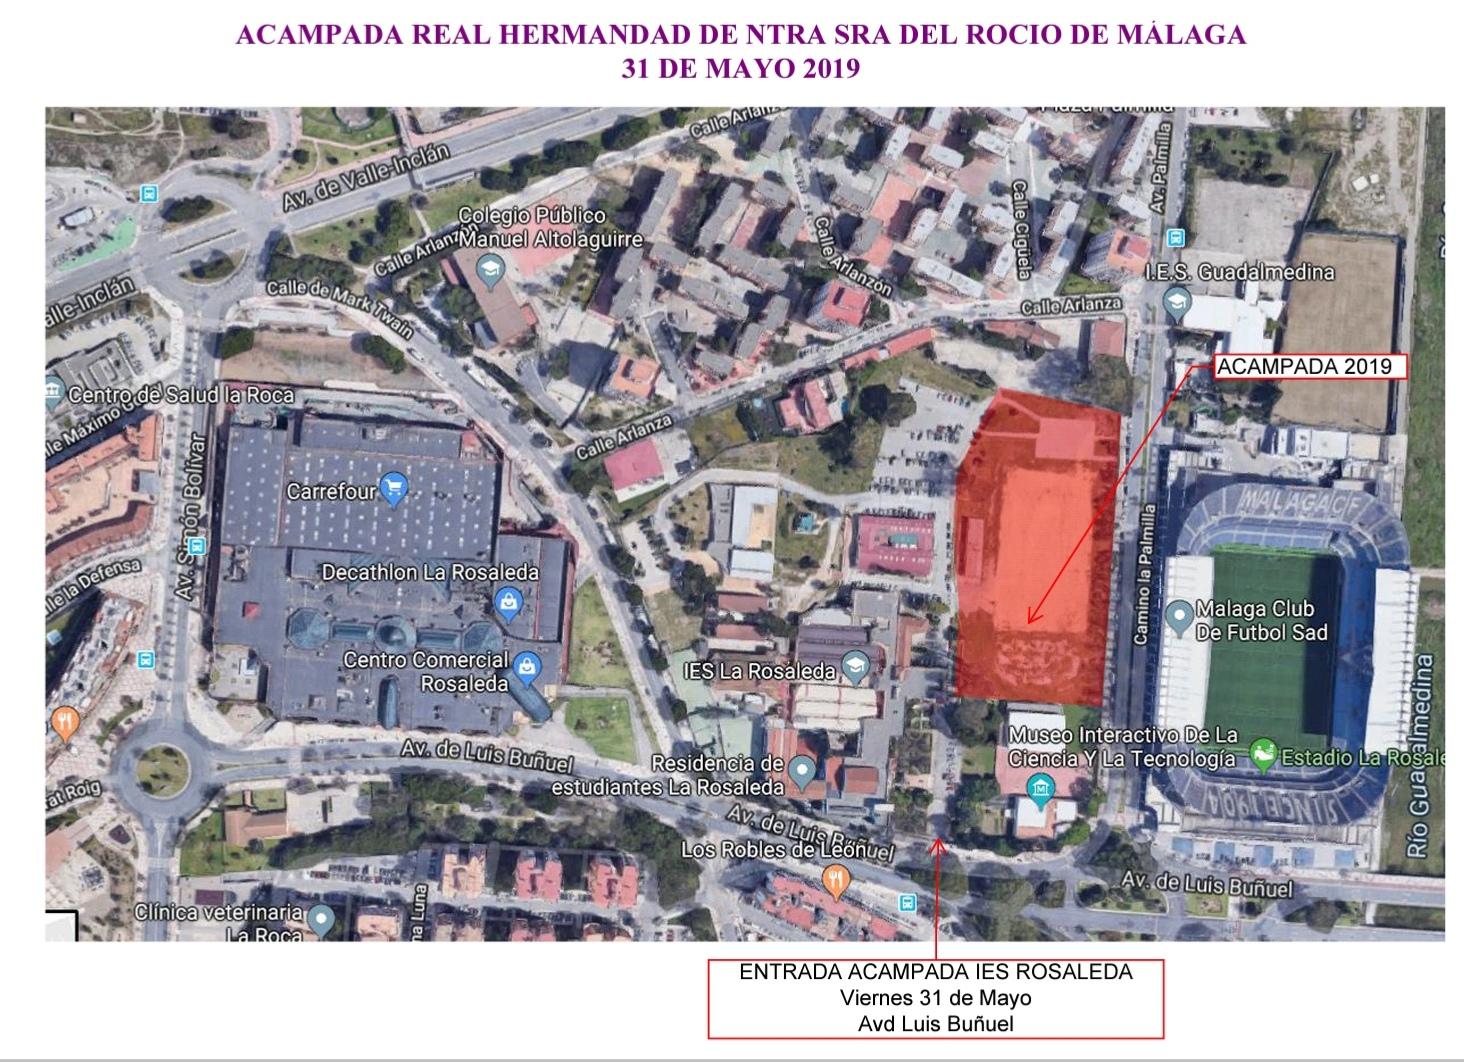 Acampada Real Hermandad de Nuestra Señora del Rocio de Málaga - 31 de mayo 2019